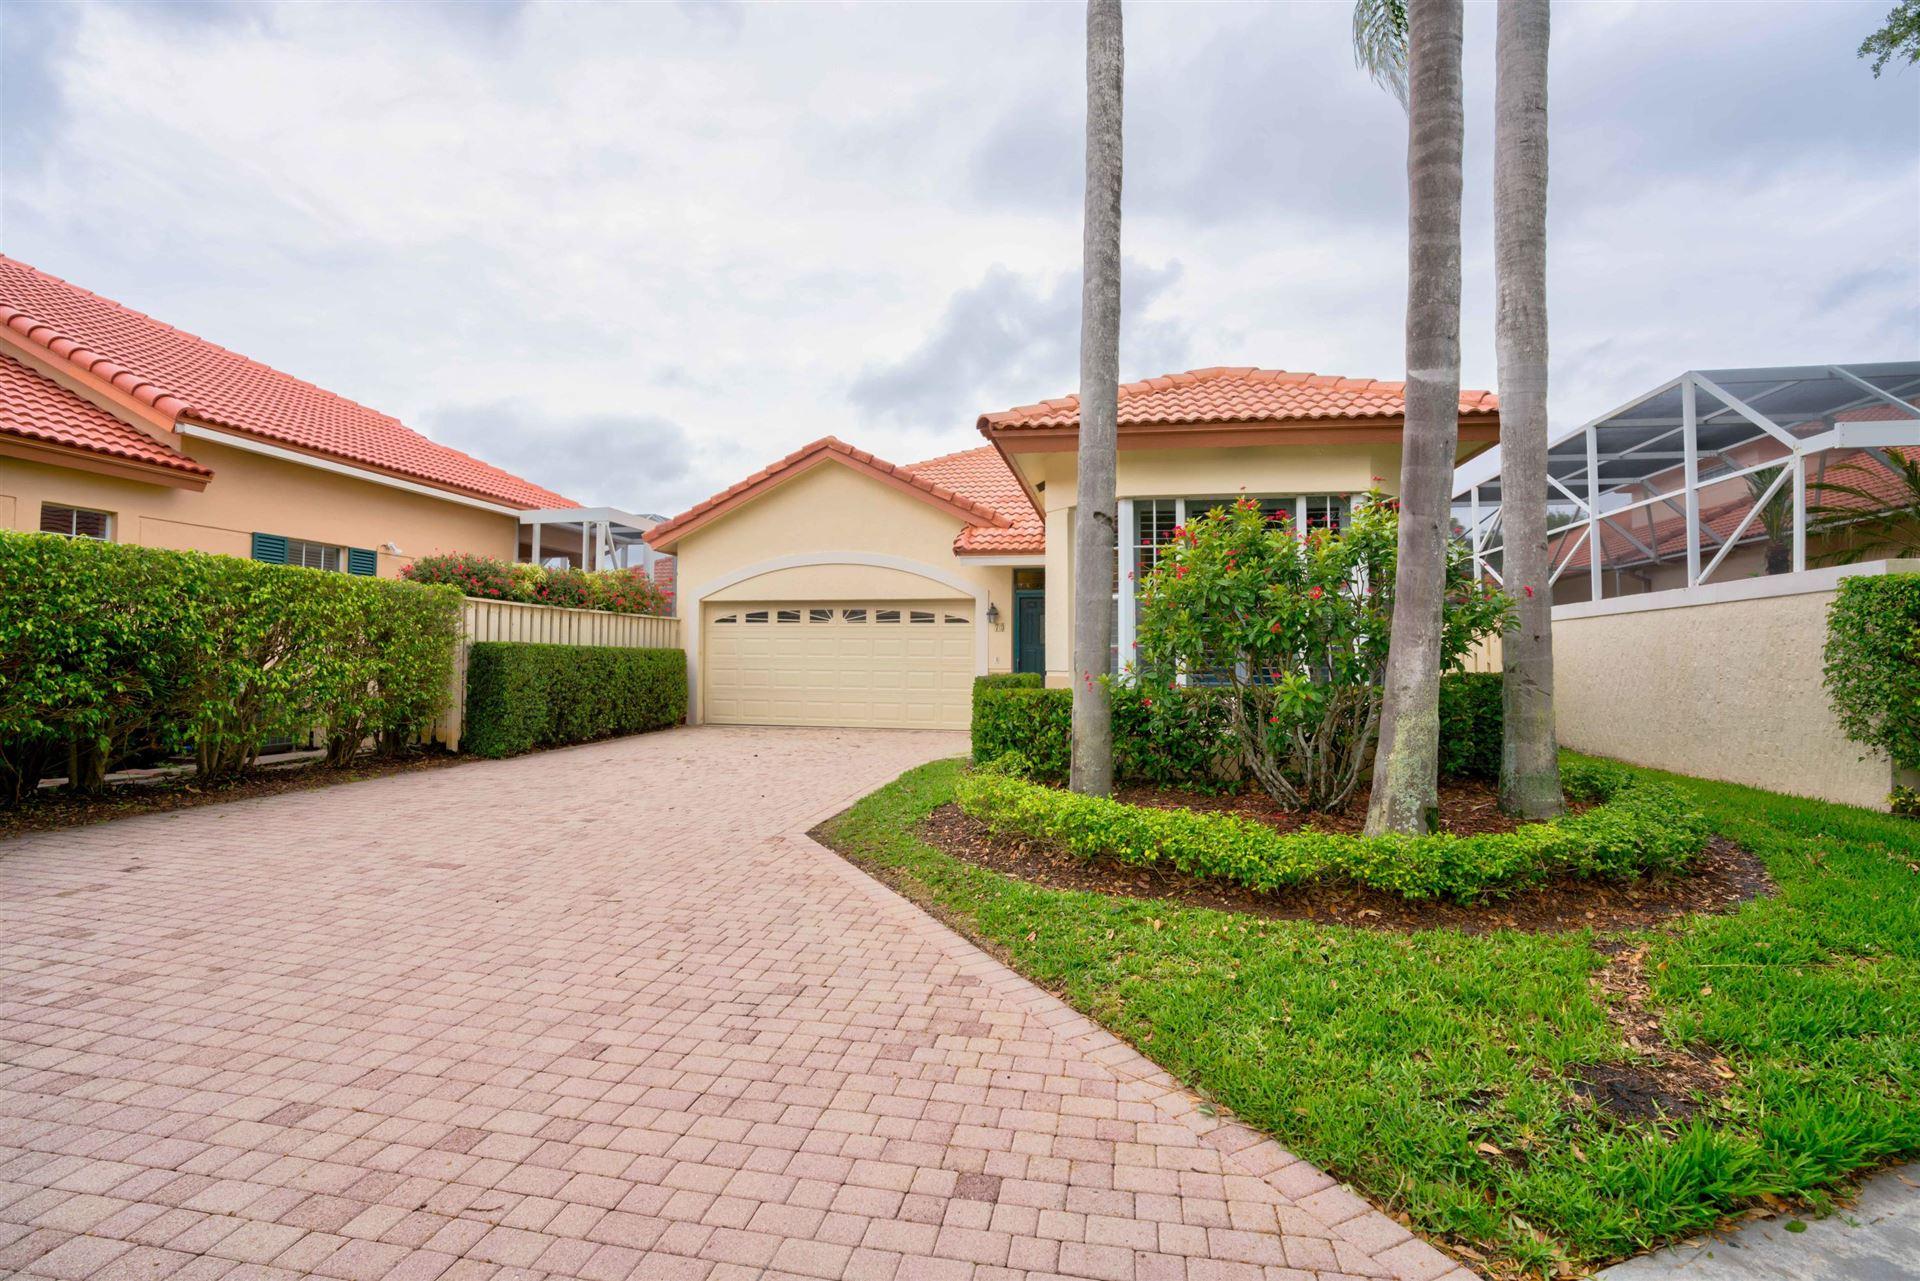 73 Spyglass Way, Palm Beach Gardens, FL 33418 - MLS#: RX-10709944